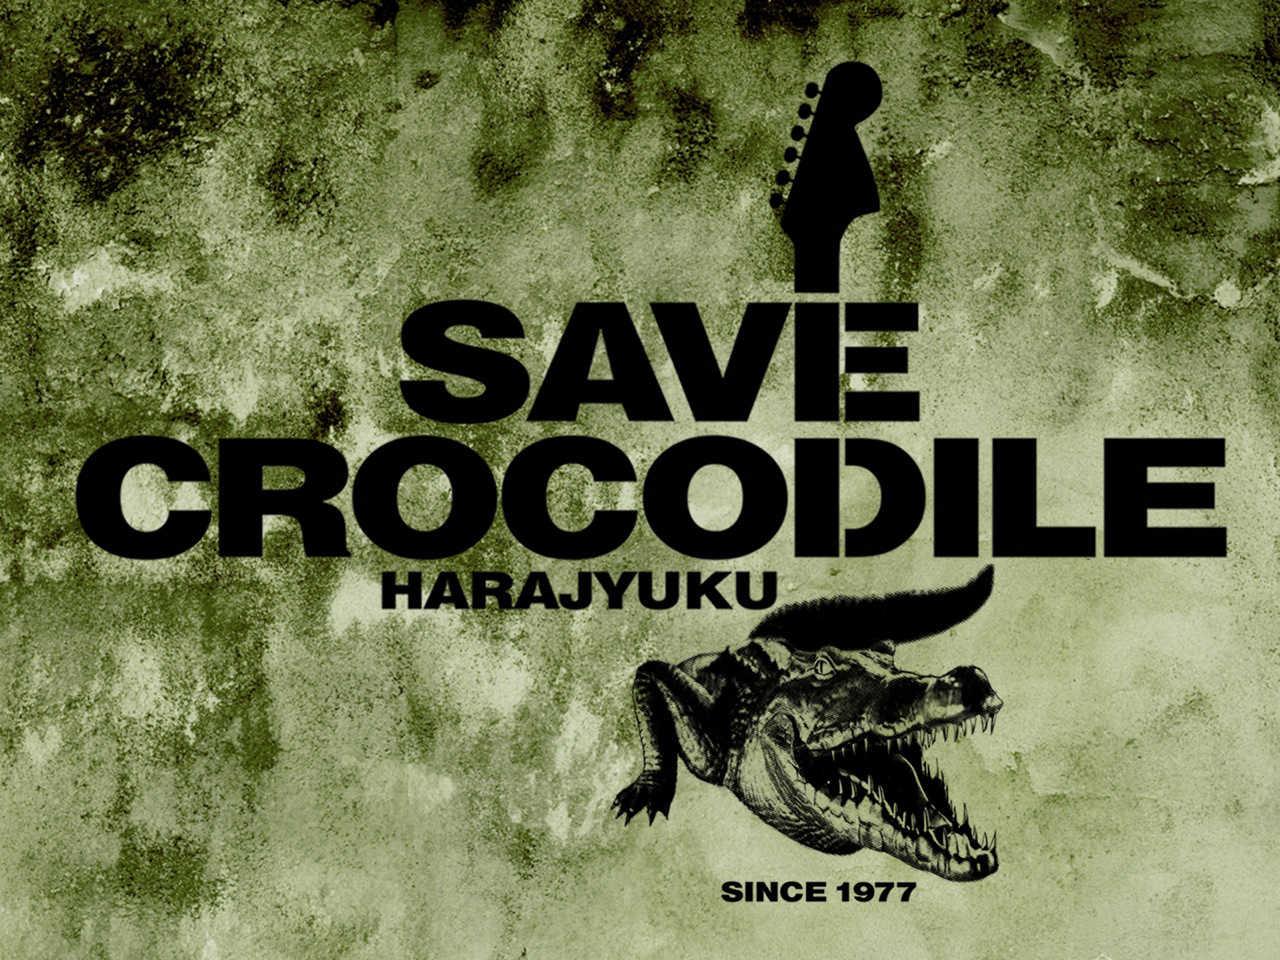 『伝説的ライブ・スペース原宿クロコダイル <絶滅危惧種を救え!>SAVE CROCODILE PROJECT』